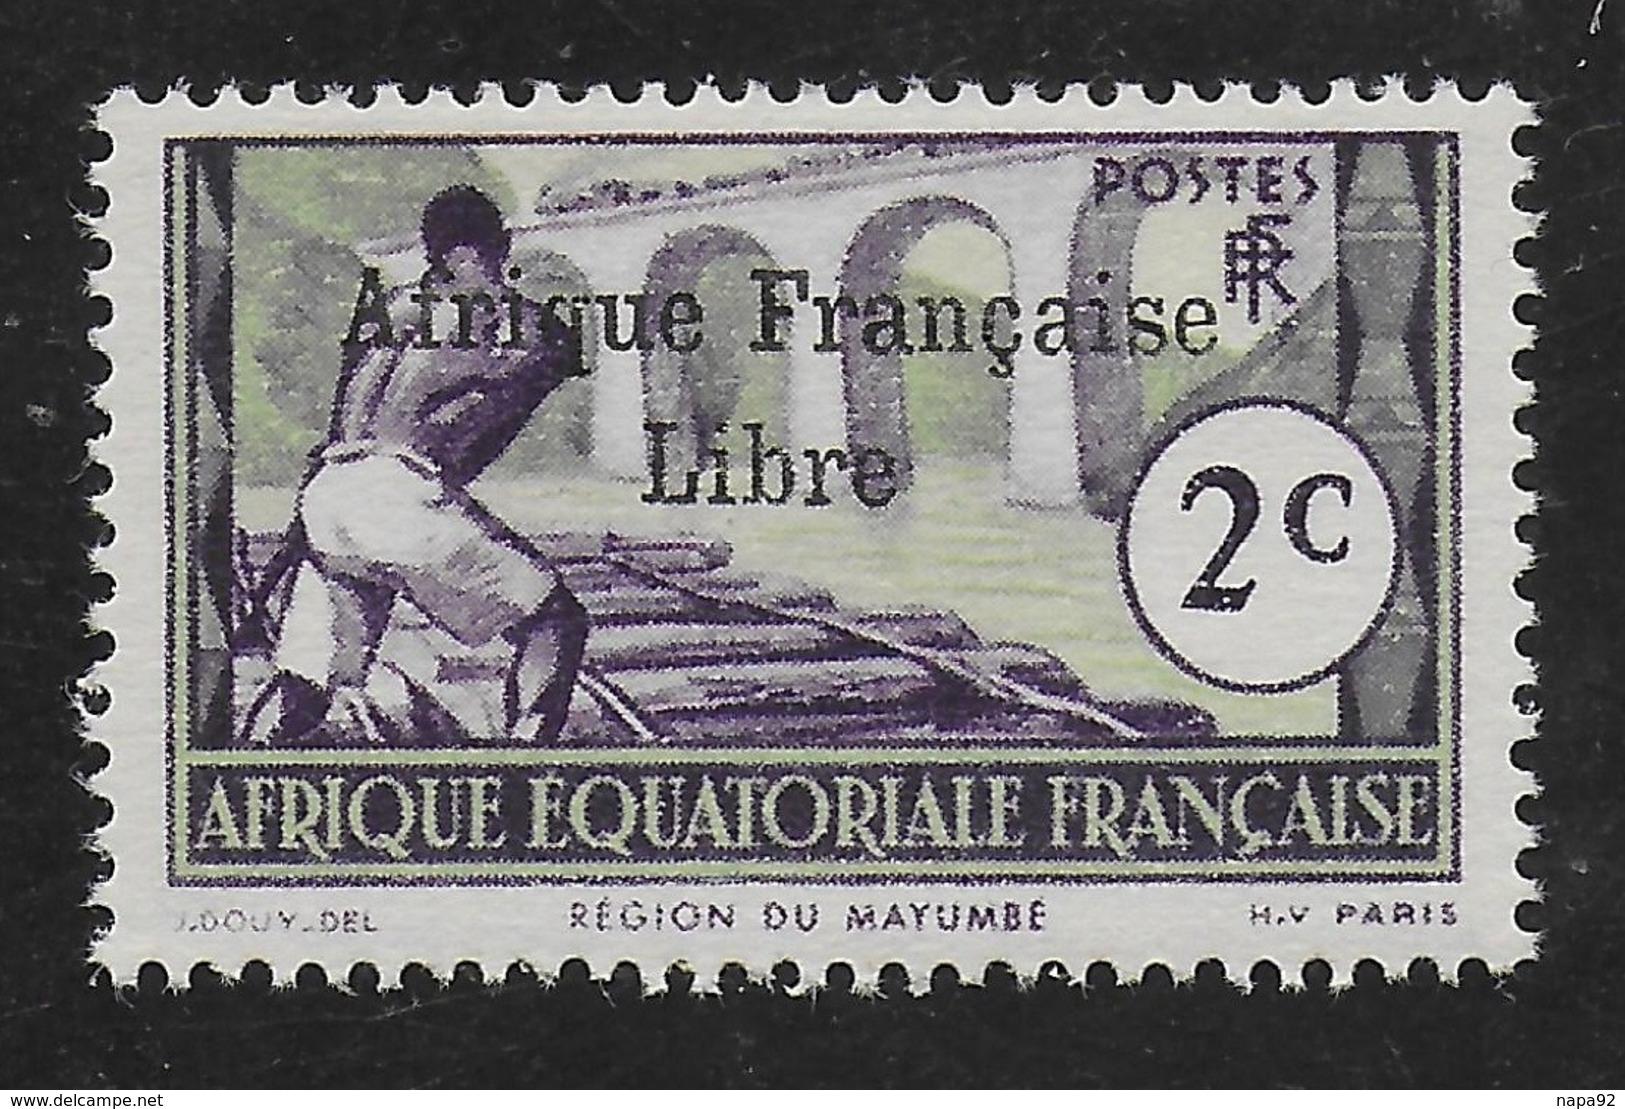 AFRIQUE EQUATORIALE FRANCAISE - AEF - A.E.F. - 1941 - YT 157** AVEC VARIETE - Neufs